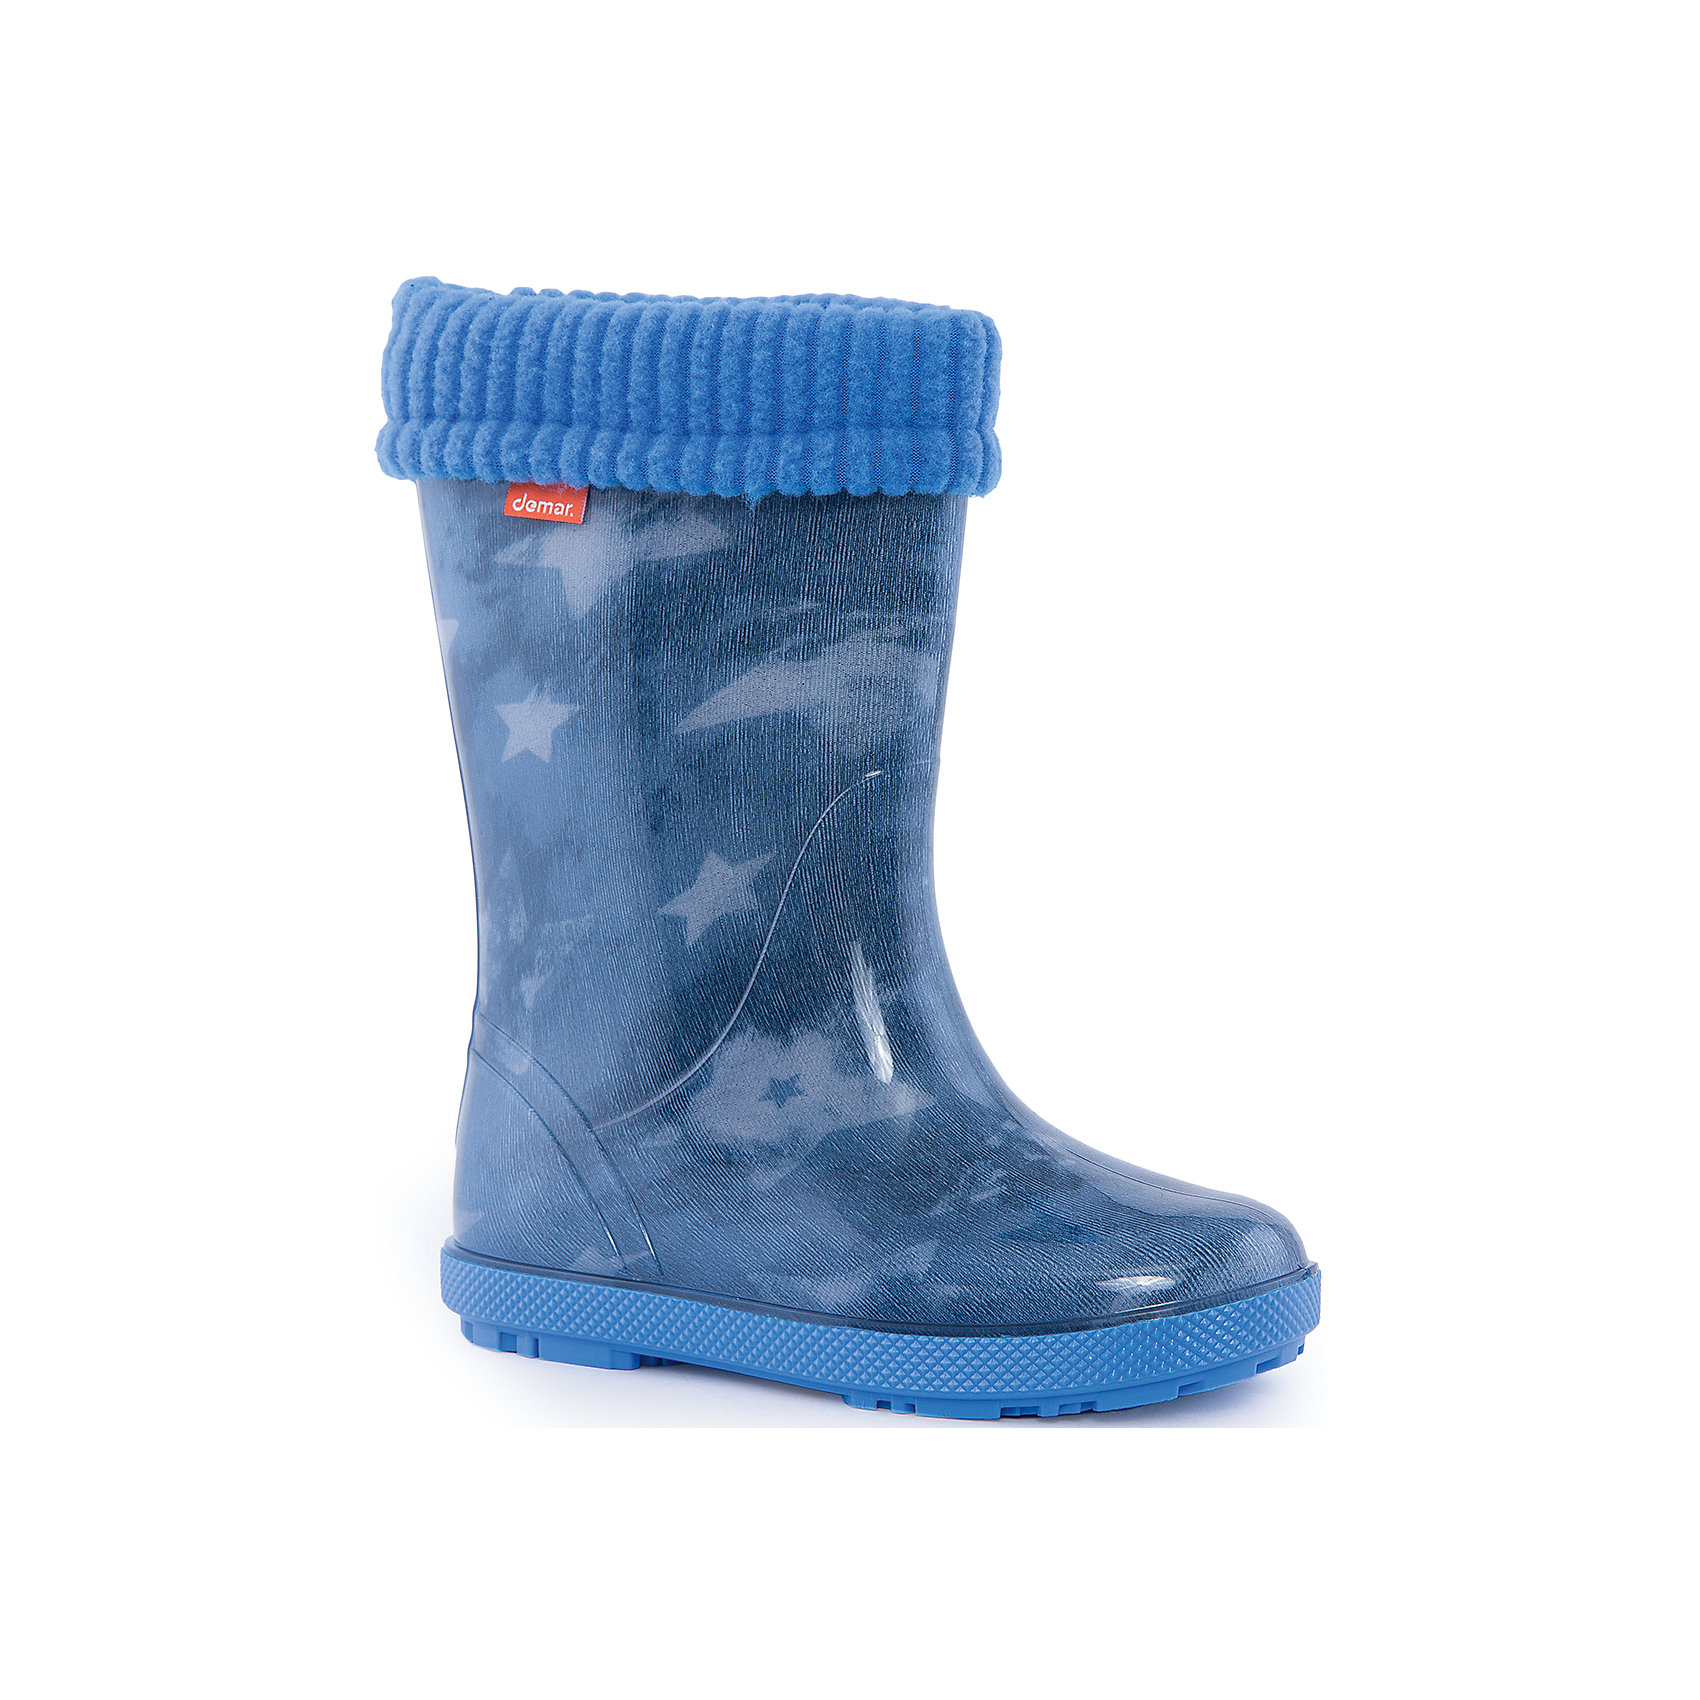 Резиновые сапоги Hawai Lux Print для мальчика DEMARРезиновые сапоги<br>Характеристики товара:<br><br>• цвет: голубой<br>• материал верха: ПВХ<br>• материал подкладки: текстиль <br>• материал подошвы: ПВХ<br>• температурный режим: от 0° до +15° С<br>• верх не продувается<br>• съемный чулок<br>• стильный дизайн<br>• страна бренда: Польша<br>• страна изготовитель: Польша<br><br>Осенью и весной ребенку не обойтись без непромокаемых сапожек! Чтобы не пропустить главные удовольствия межсезонья, нужно запастись удобной обувью. Такие сапожки обеспечат ребенку необходимый для активного отдыха комфорт, а подкладка из текстиля позволит ножкам оставаться теплыми. Сапожки легко надеваются и снимаются, отлично сидят на ноге. Они удивительно легкие!<br>Обувь от польского бренда Demar - это качественные товары, созданные с применением новейших технологий и с использованием как натуральных, так и высокотехнологичных материалов. Обувь отличается стильным дизайном и продуманной конструкцией. Изделие производится из качественных и проверенных материалов, которые безопасны для детей.<br><br>Сапожки от бренда Demar (Демар) можно купить в нашем интернет-магазине.<br><br>Ширина мм: 257<br>Глубина мм: 180<br>Высота мм: 130<br>Вес г: 420<br>Цвет: синий<br>Возраст от месяцев: 120<br>Возраст до месяцев: 132<br>Пол: Мужской<br>Возраст: Детский<br>Размер: 34/35,32/33,30/31,28/29<br>SKU: 4916644